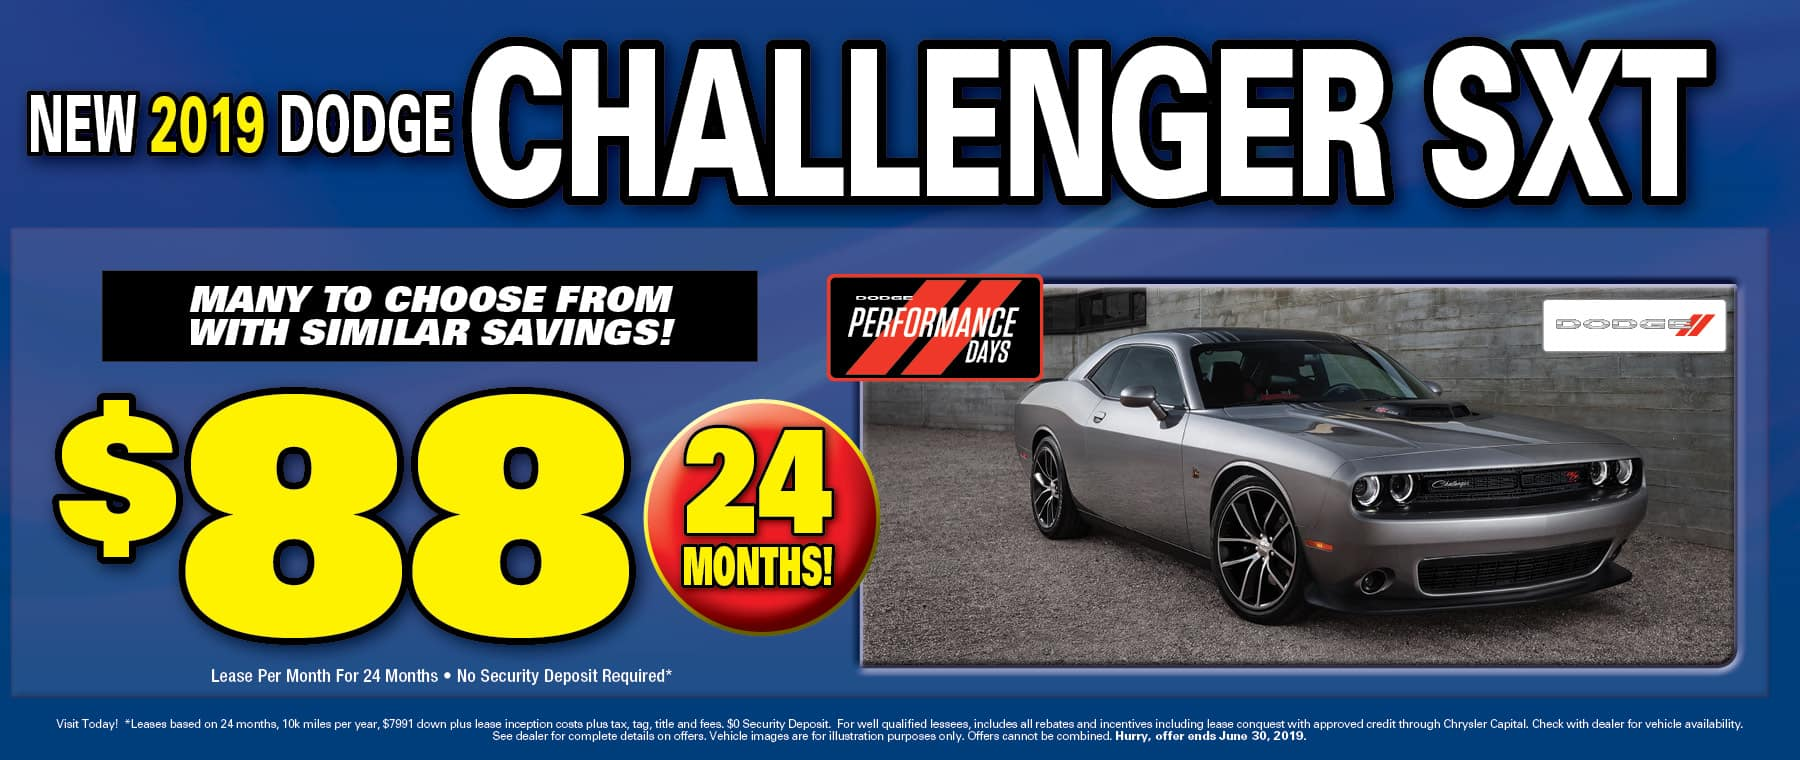 2019 Dodge Challenger STX